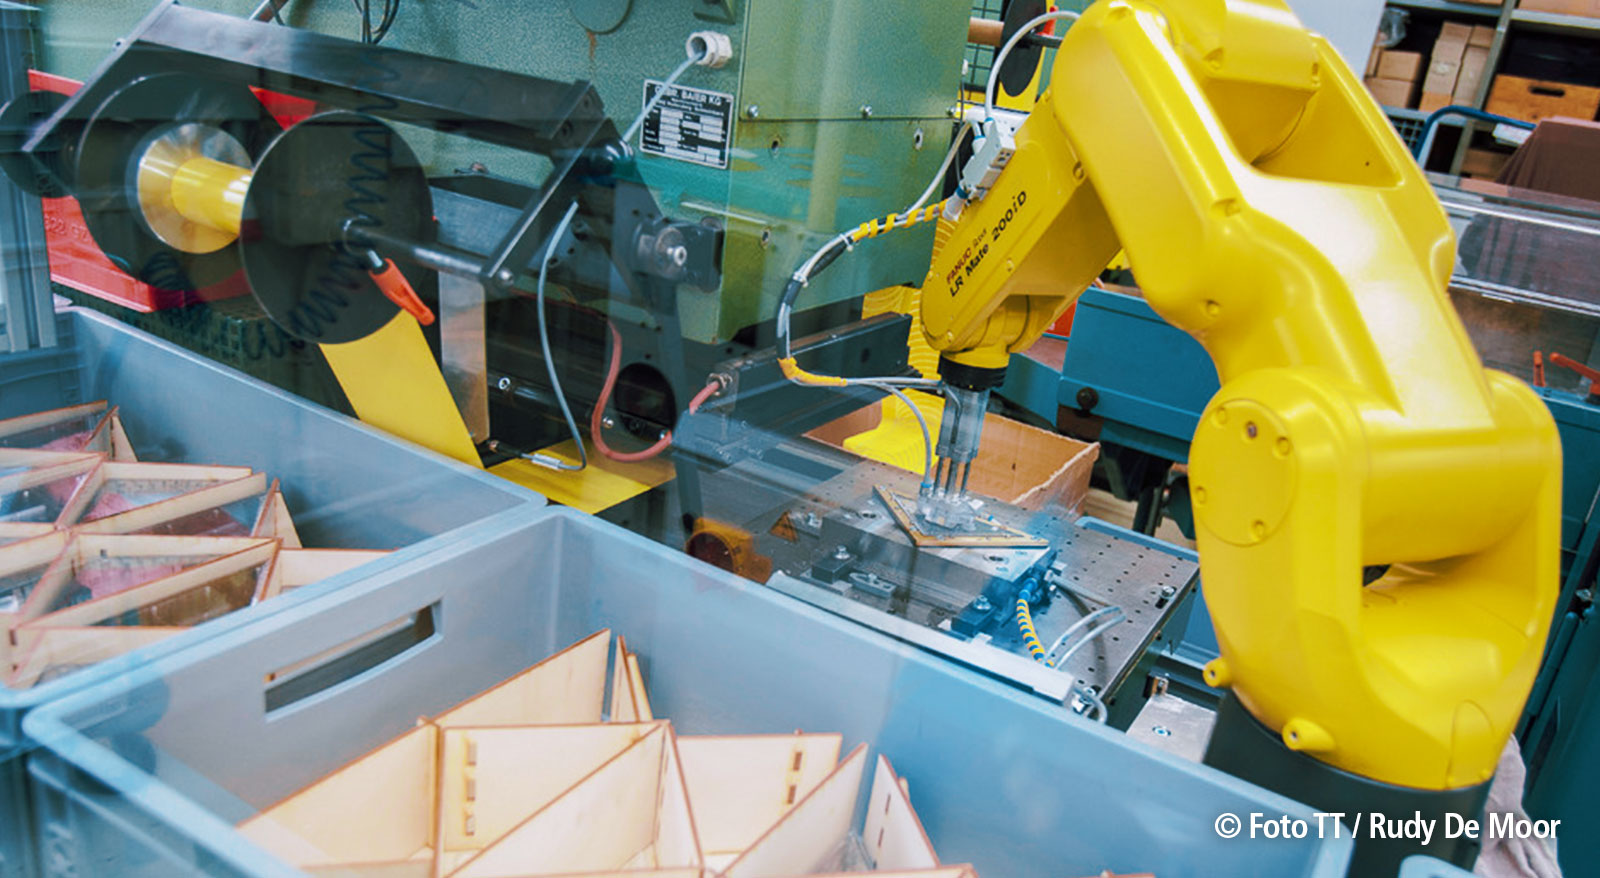 Ein Roboterarm prägt die Aufschrift in das Geodreieck.